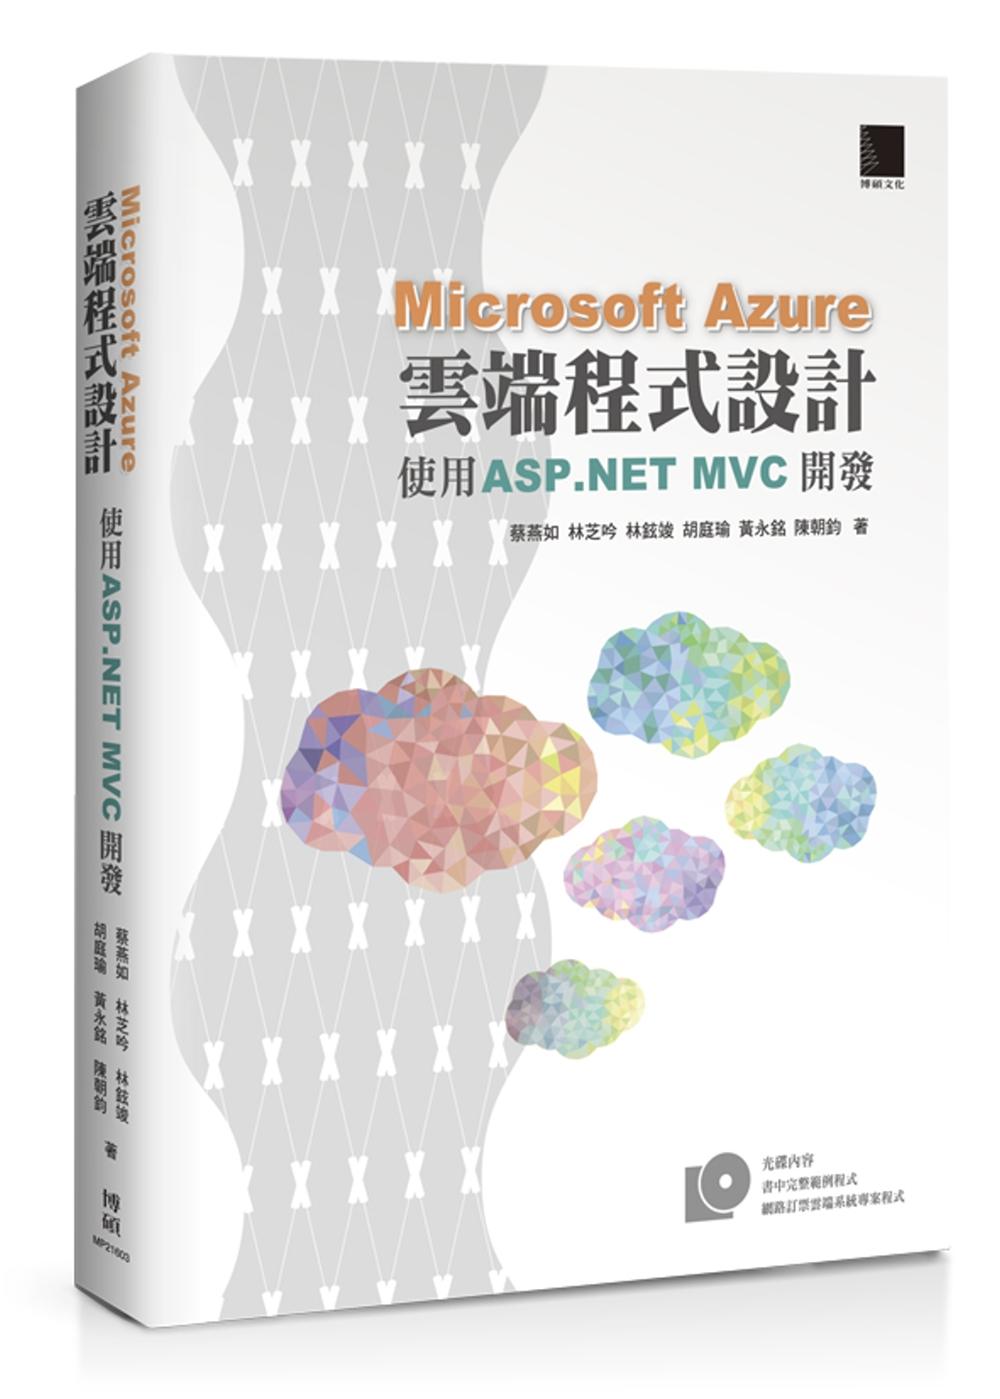 ◤博客來BOOKS◢ 暢銷書榜《推薦》Microsoft Azure雲端程式設計:使用 ASP.NET MVC開發(附DVD)